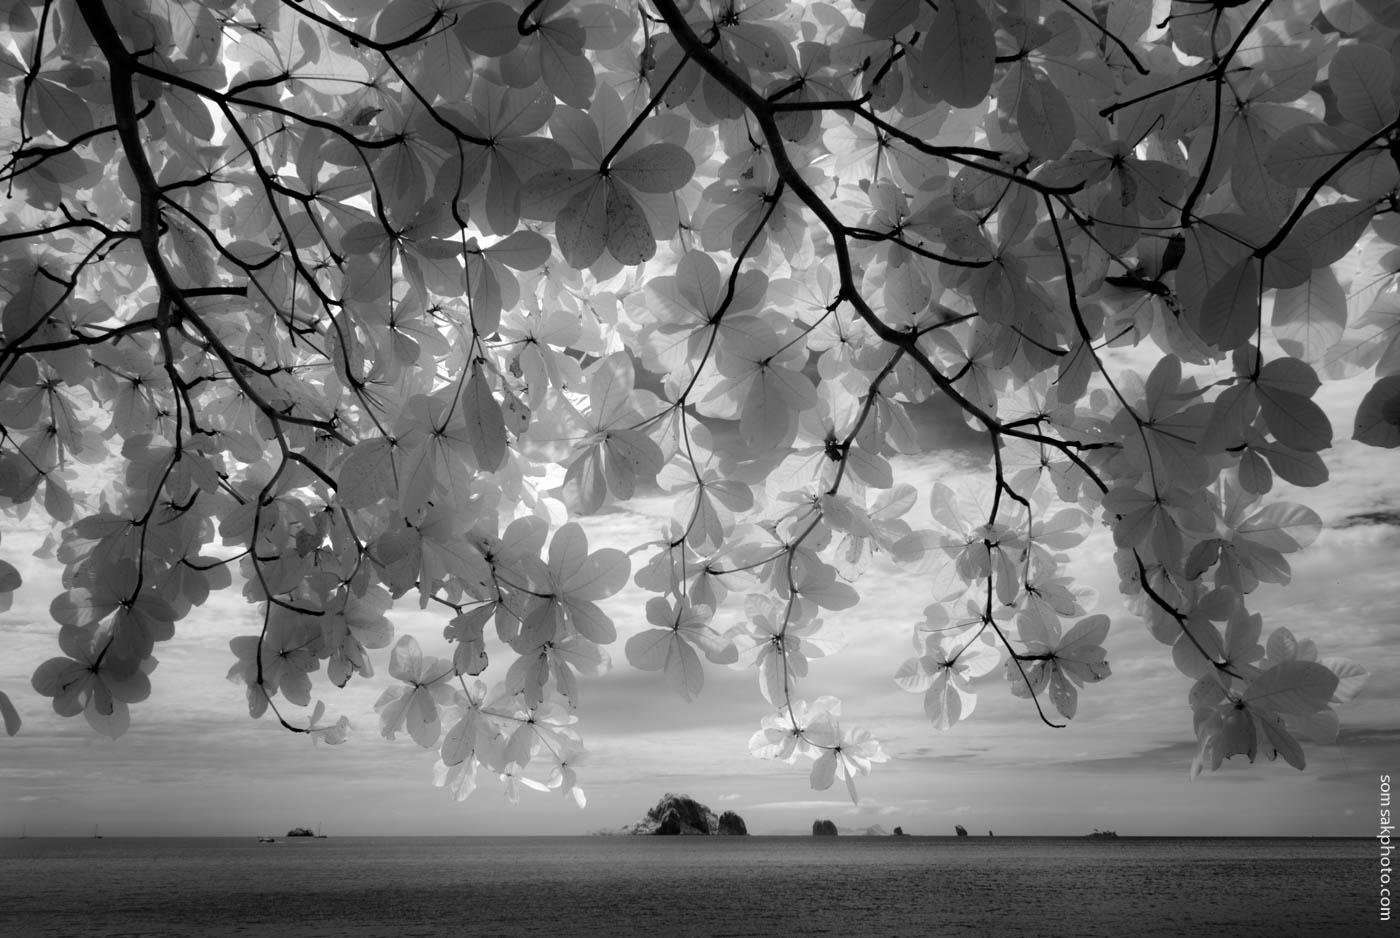 ความงามแห่งโลกไร้สัสัน  #infrared #กระบี่